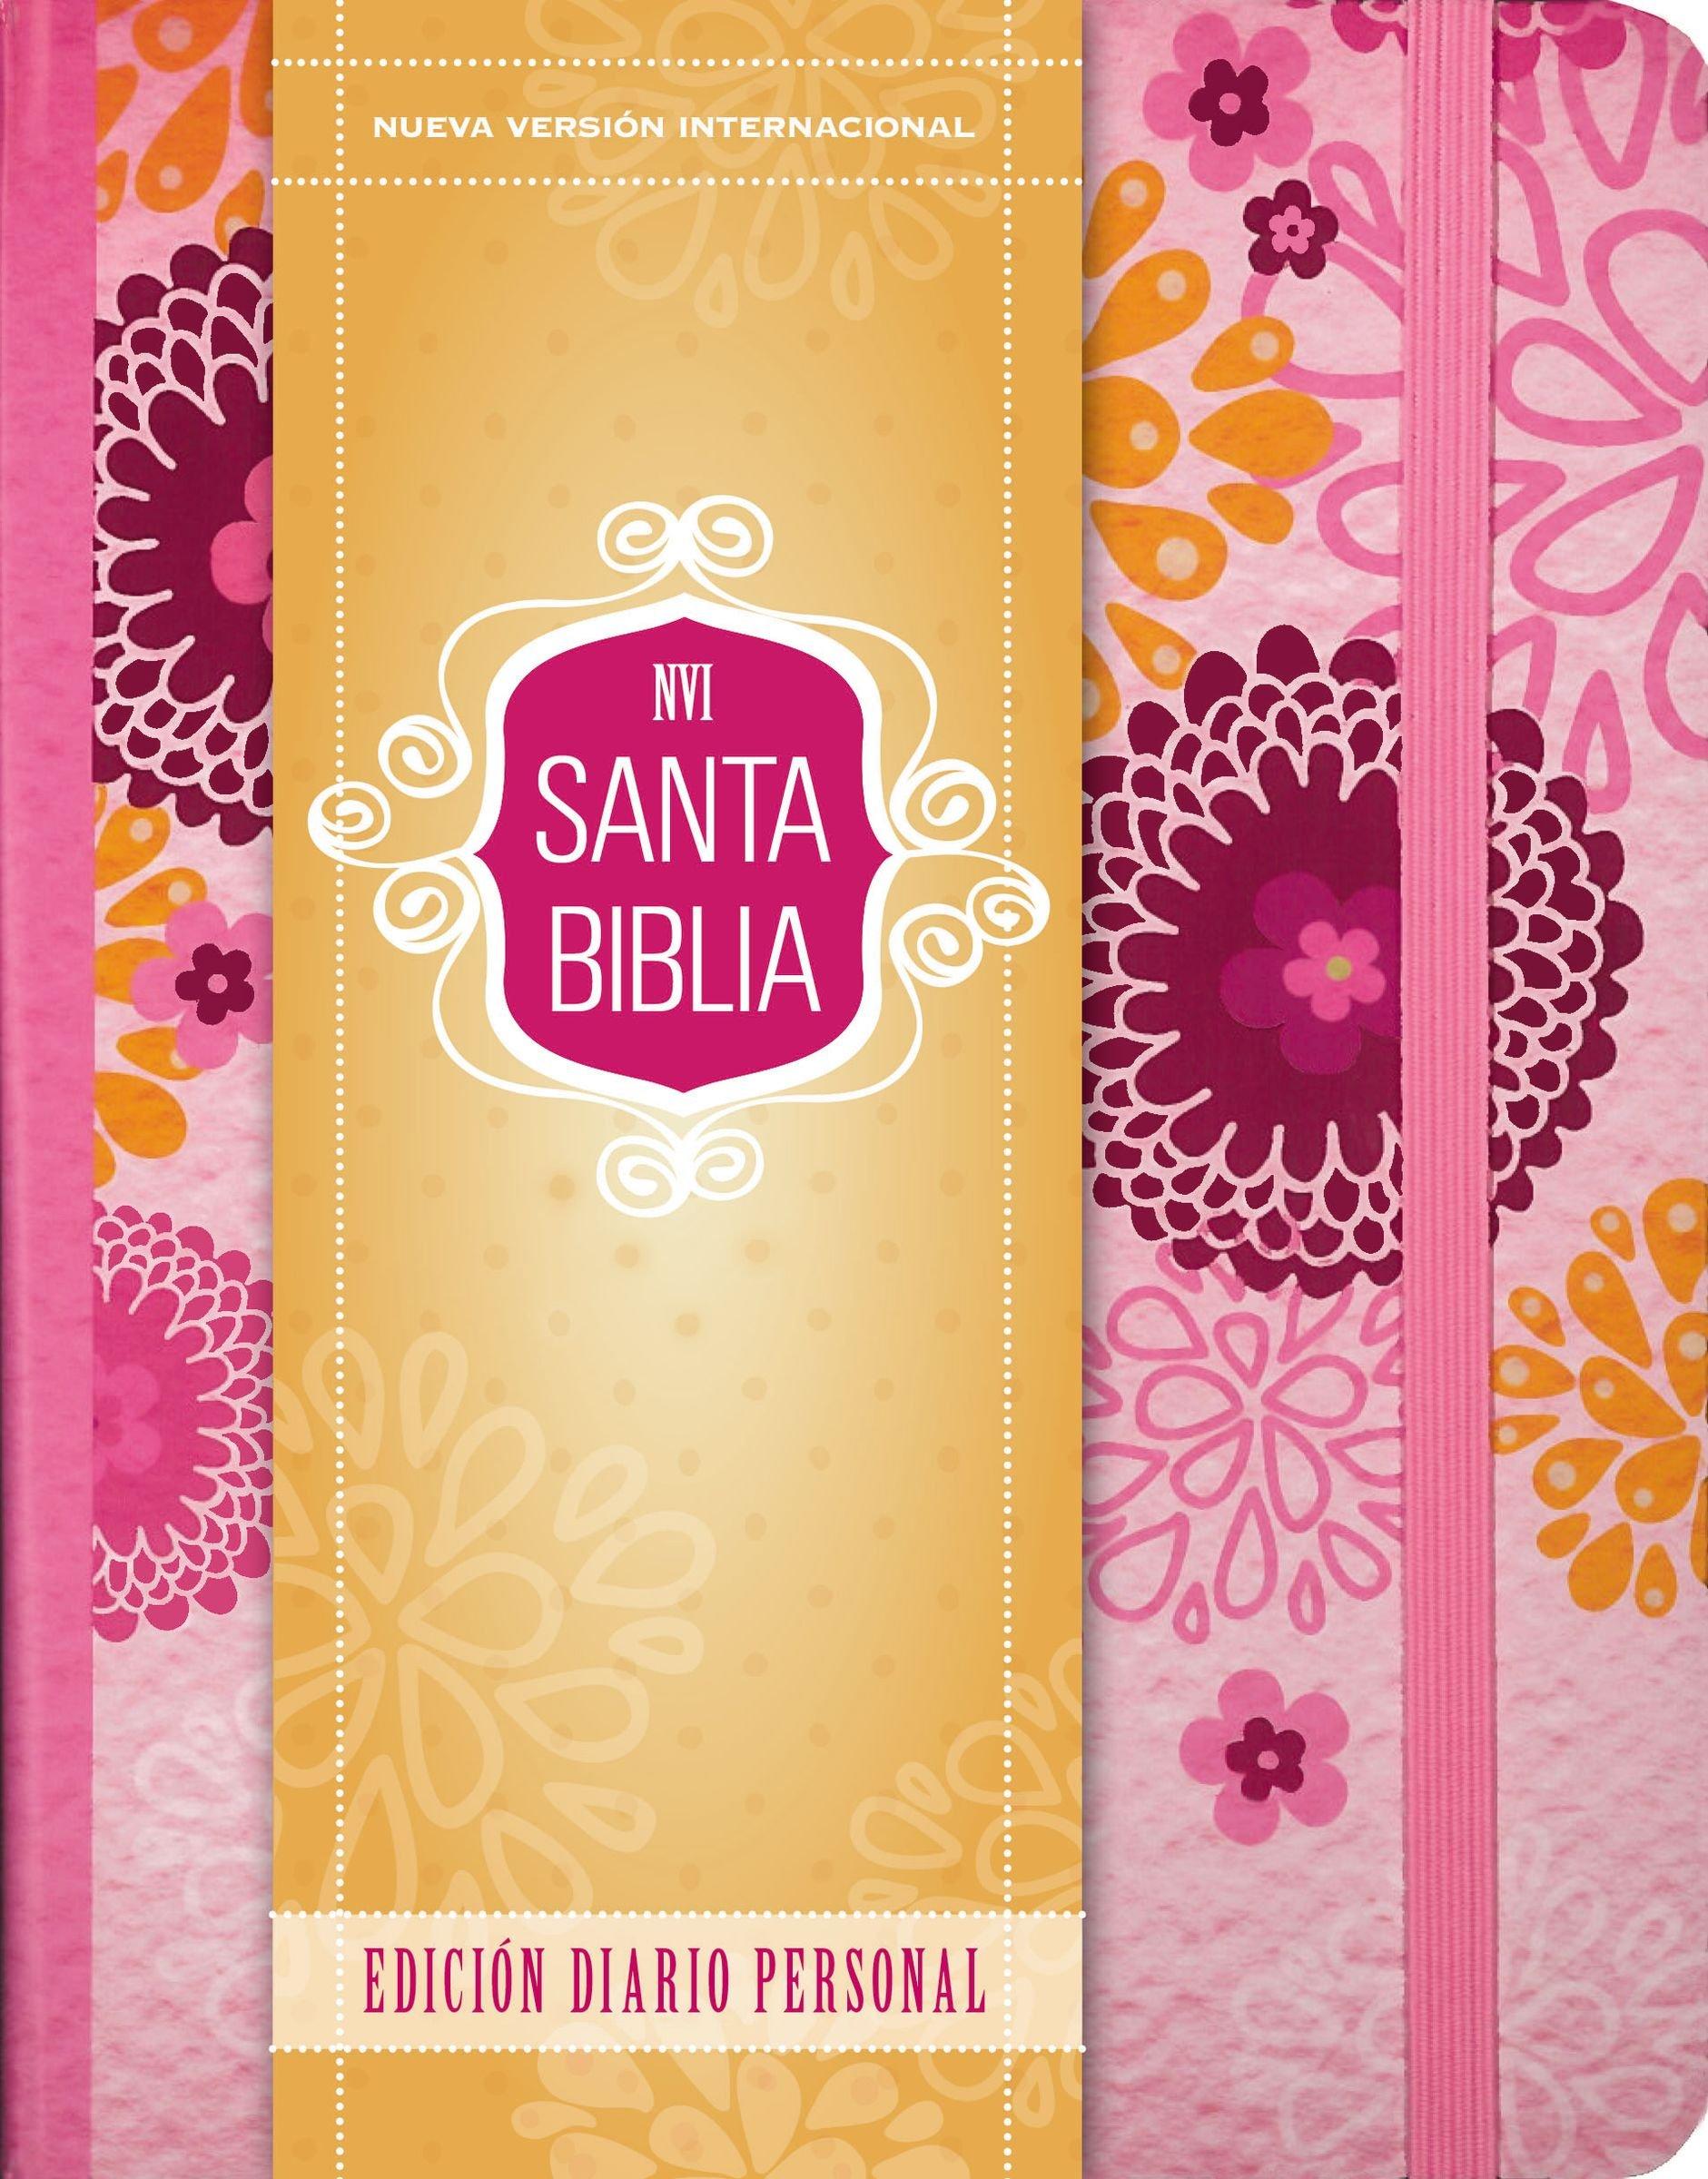 Santa Biblia Nvi, Edición Diario Personal - Rosa: Amazon.es: Zondervan: Libros